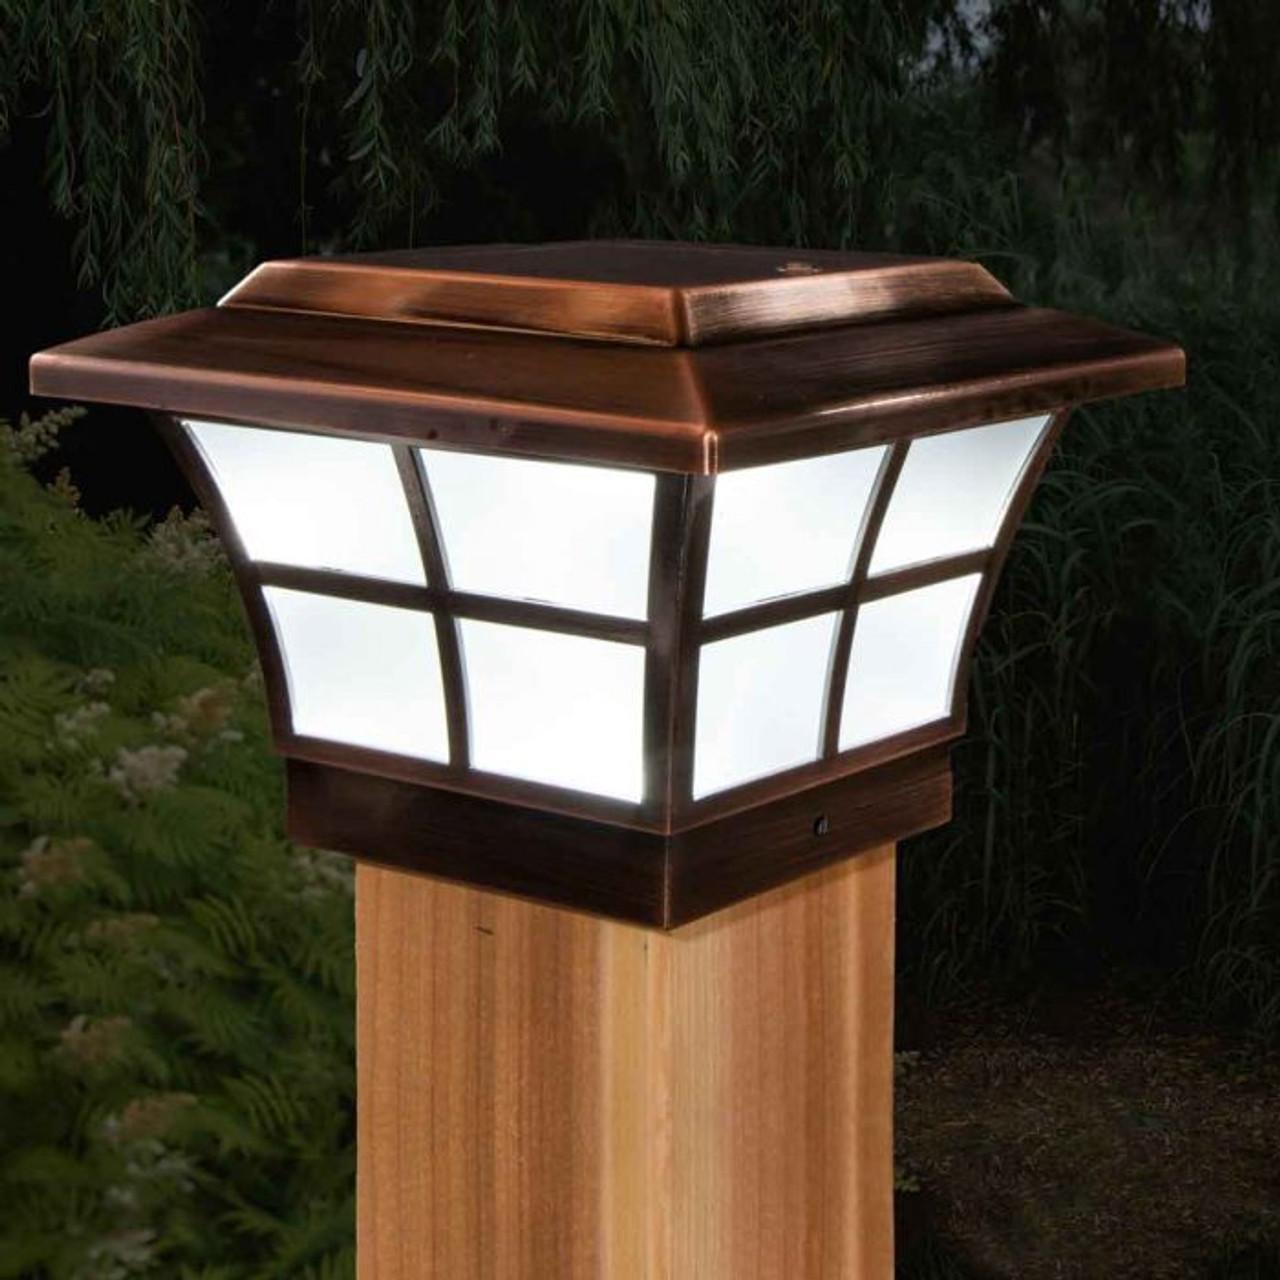 Solar Deck Post Caps 4x4 Copper Wood Pvc Fence Posts Set Of 2